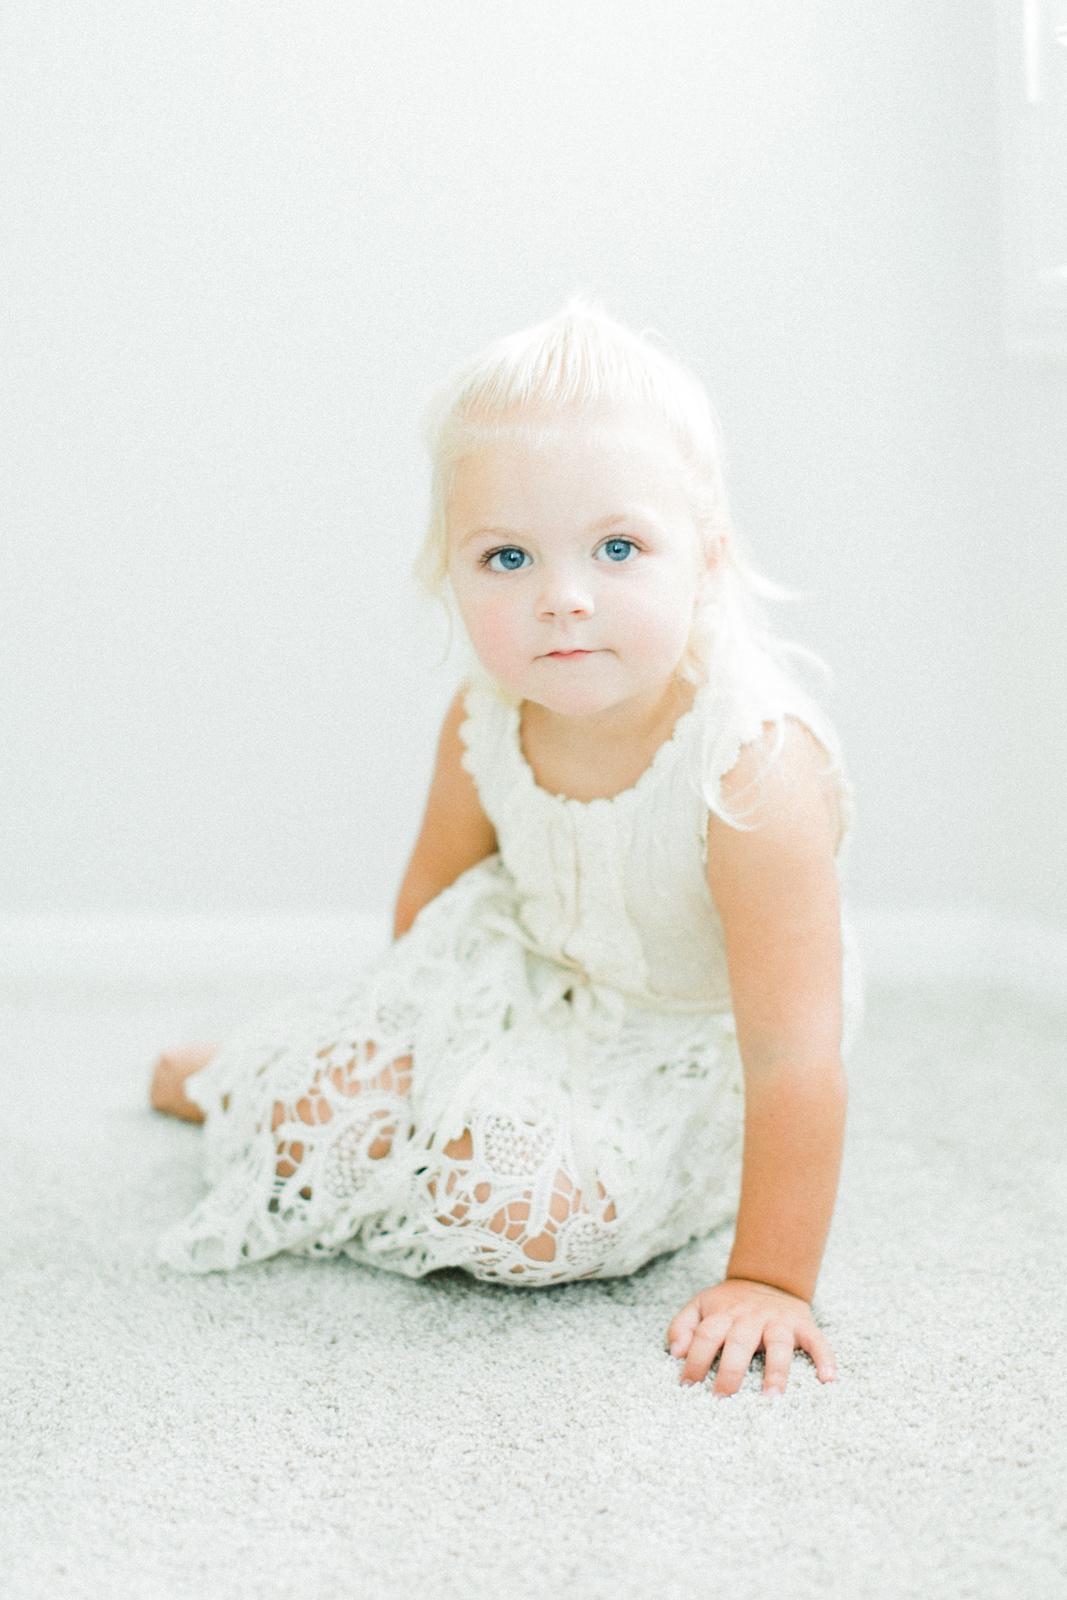 boise-newborn-photographer-8.jpg